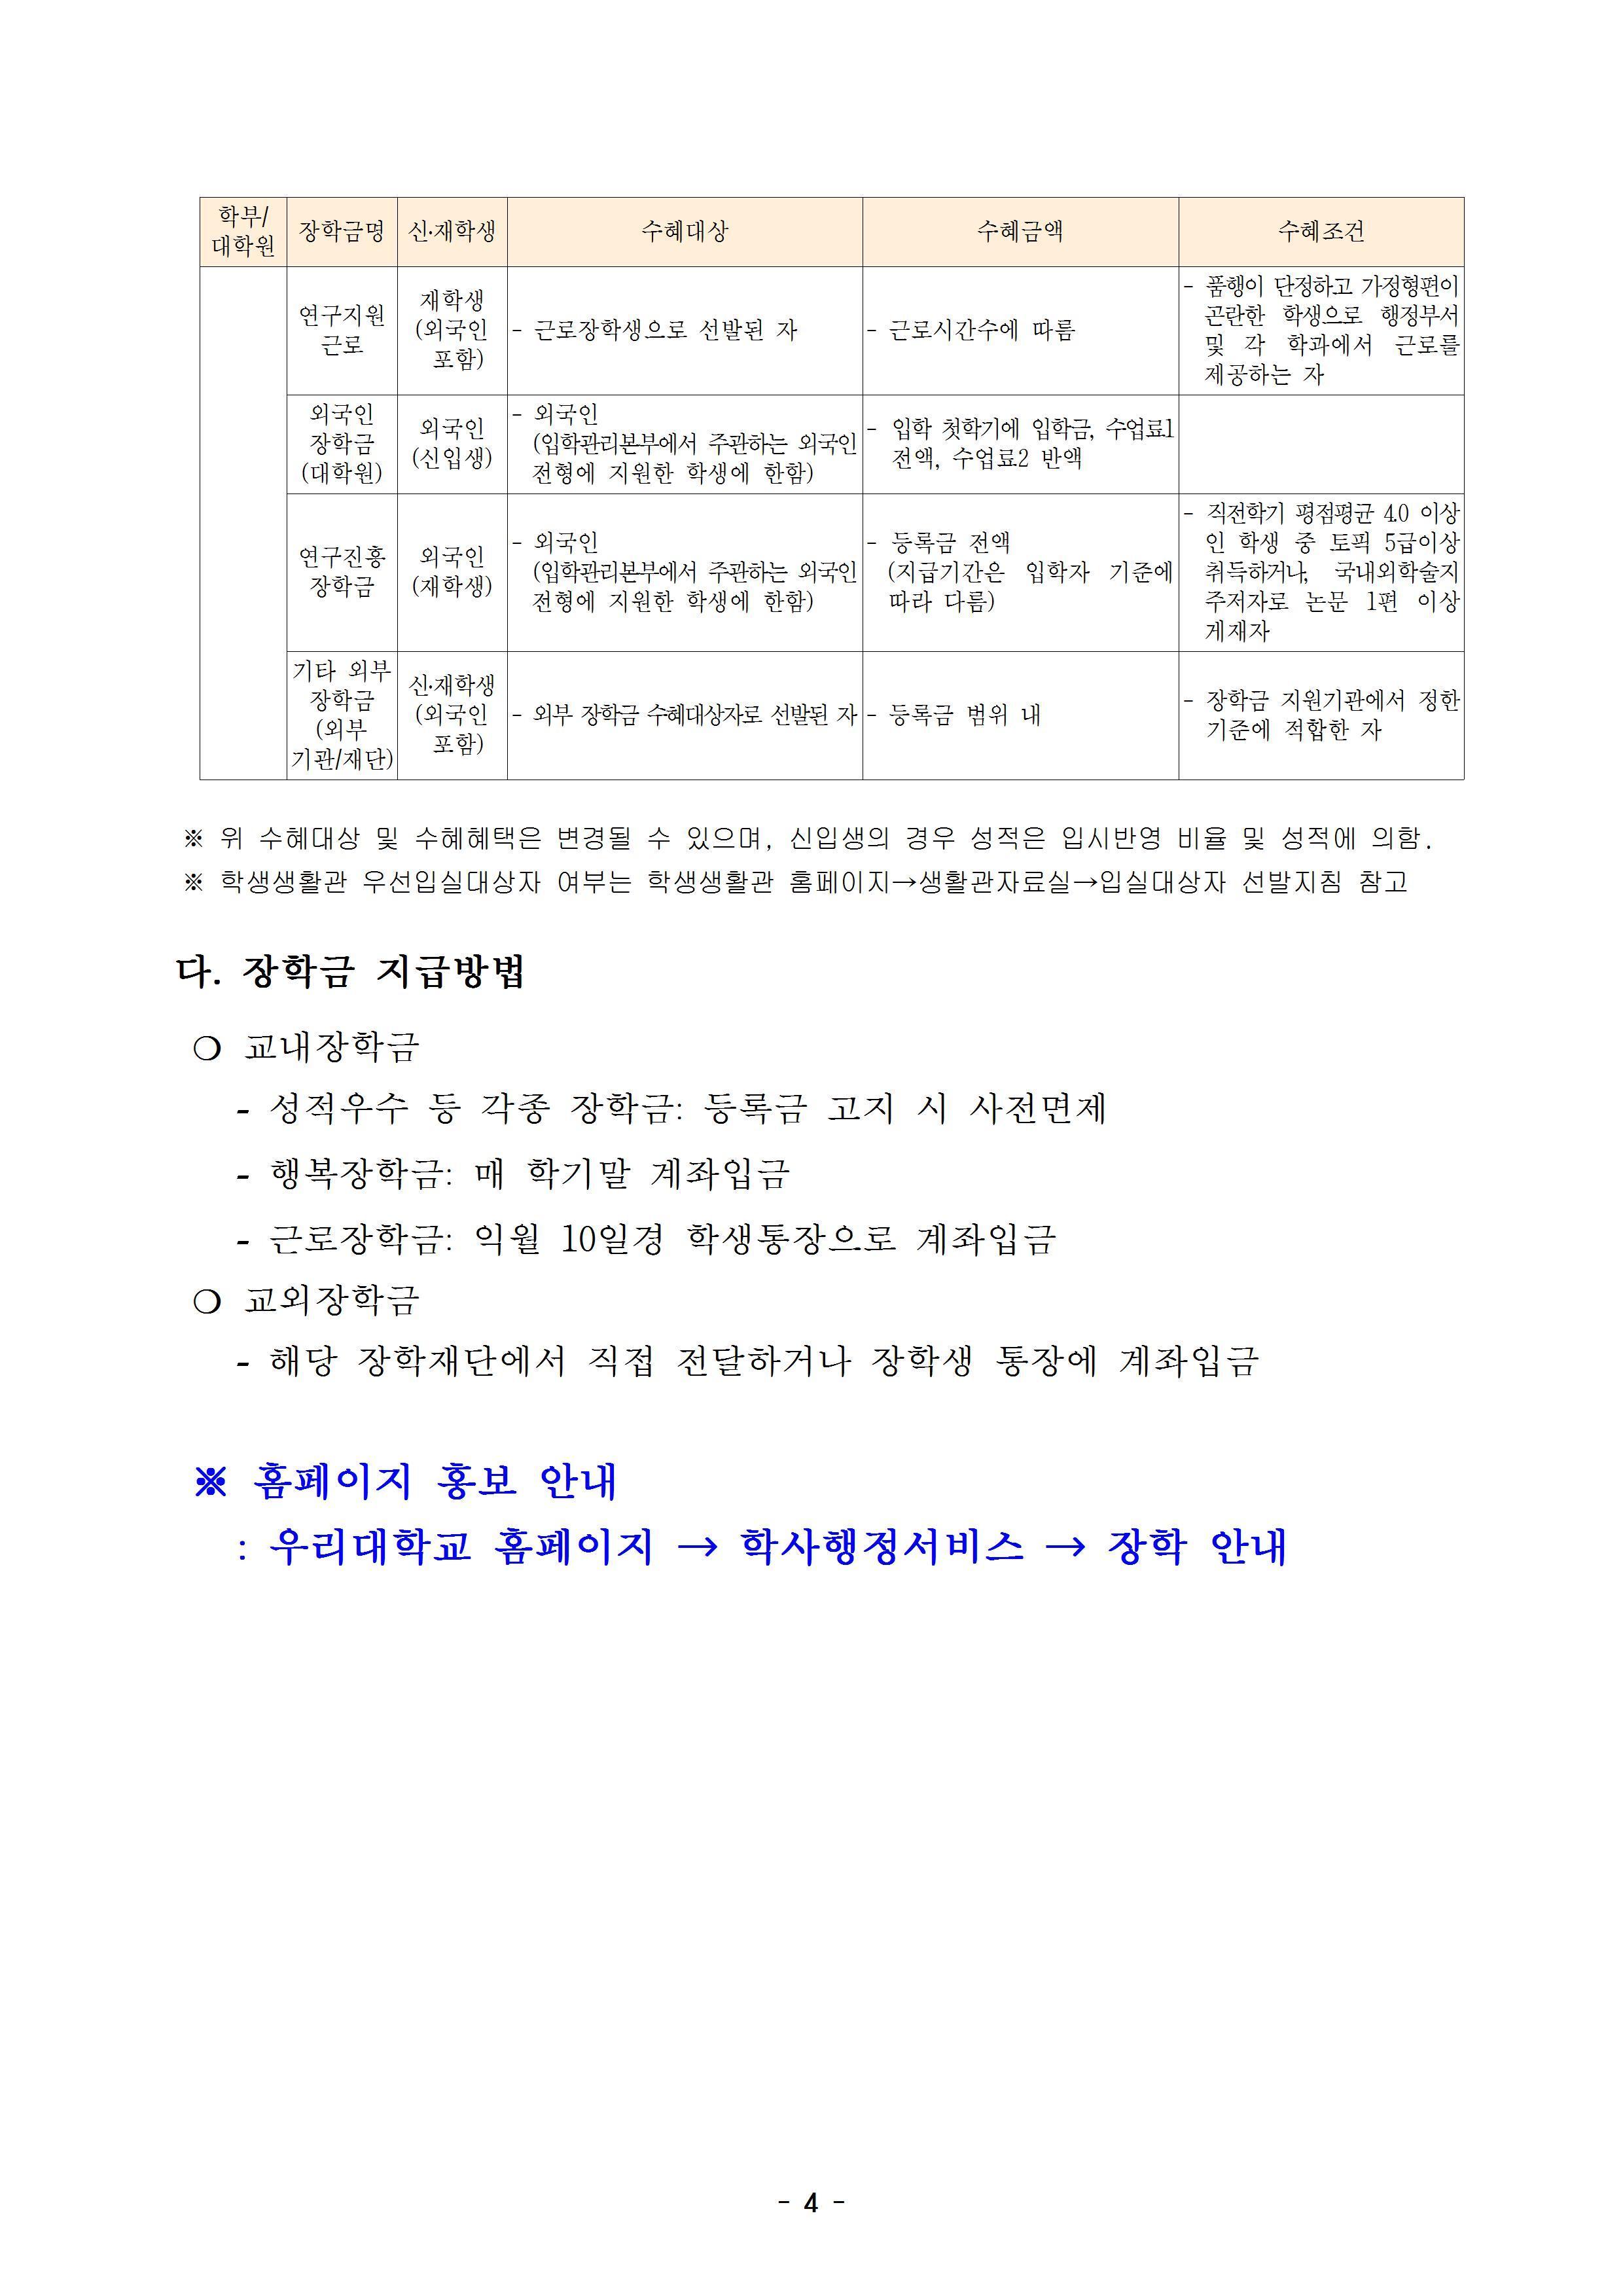 각종 장학금 안내(2019.9.3)004.jpg